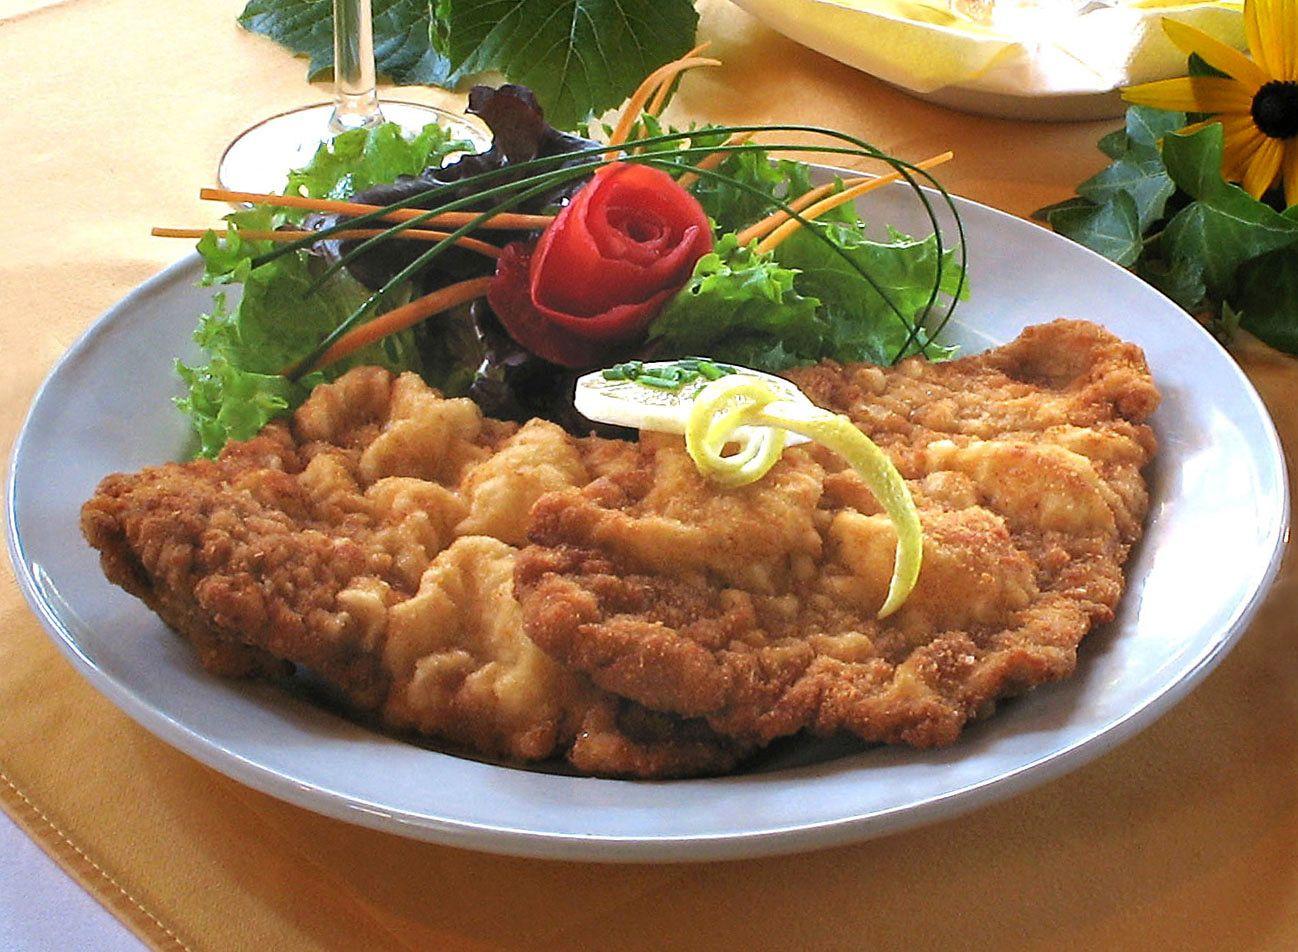 Simple Way To Make Delicious Spicy Coconut Curry Food Sapor Recipe Schnitzel Recipes Wiener Schnitzel Food